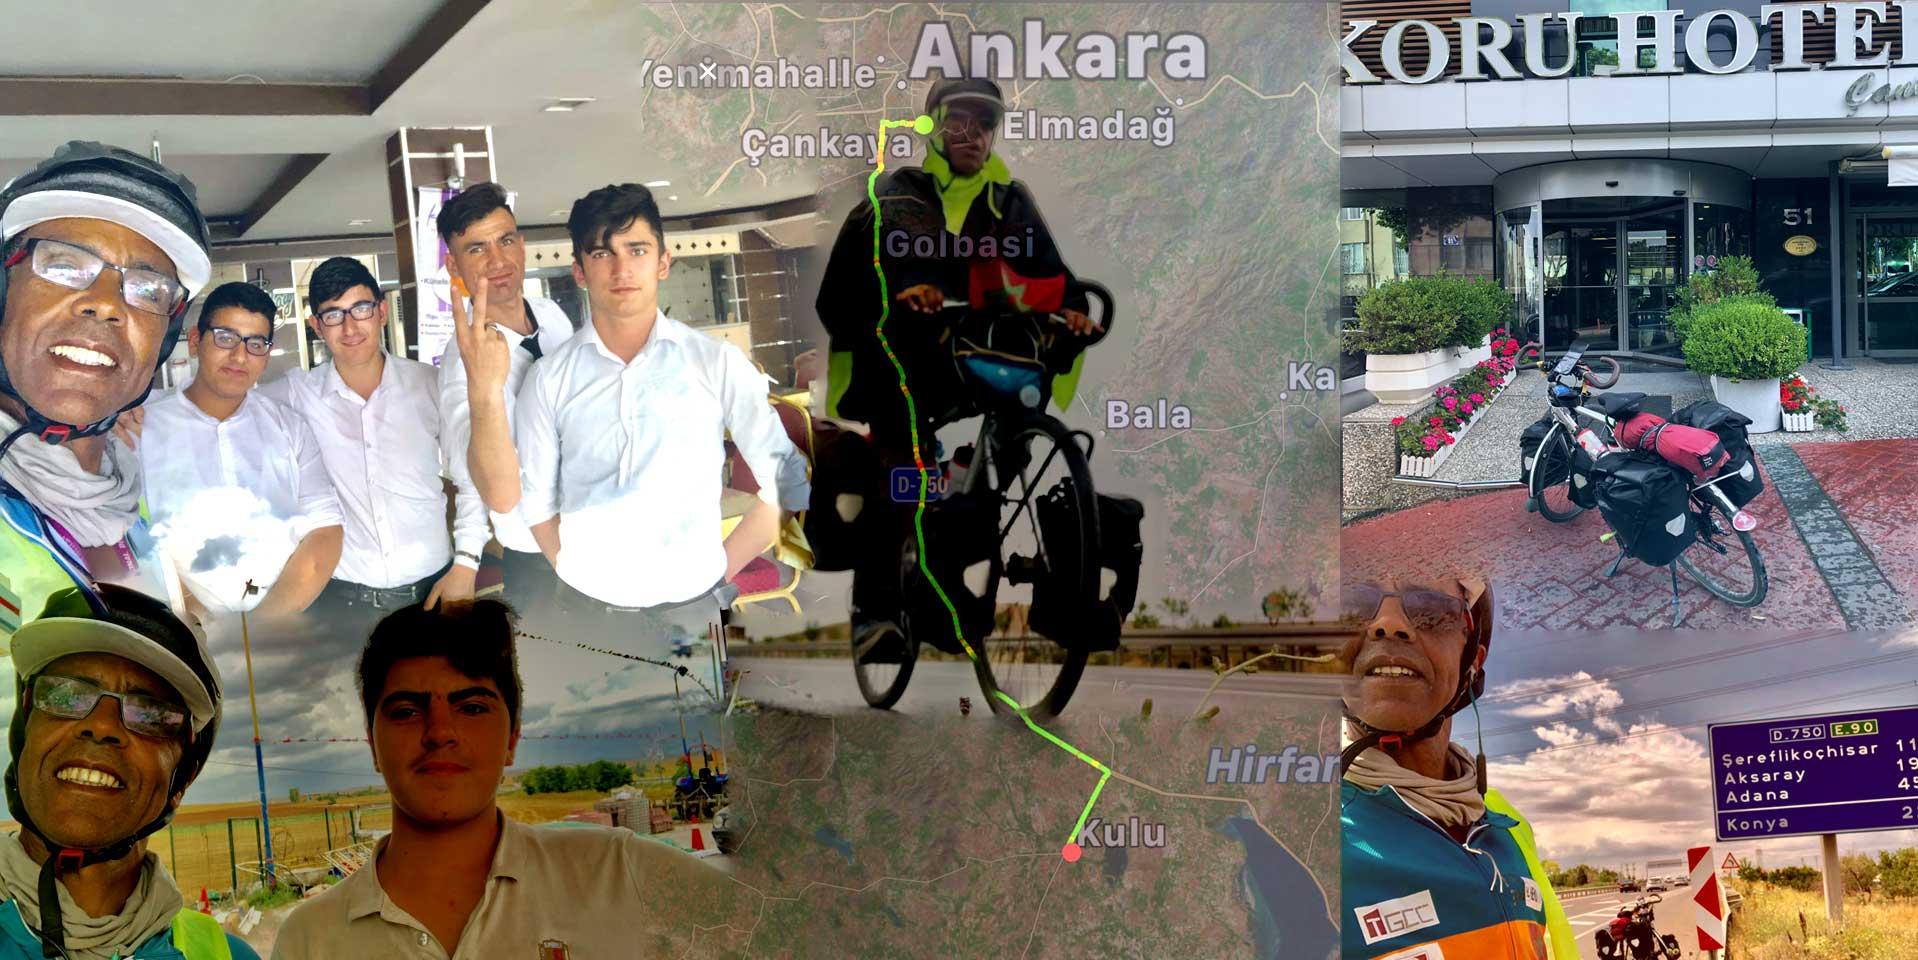 Jour 75 Turquie : De Casa à la Mecque à vélo Karim MOSTA